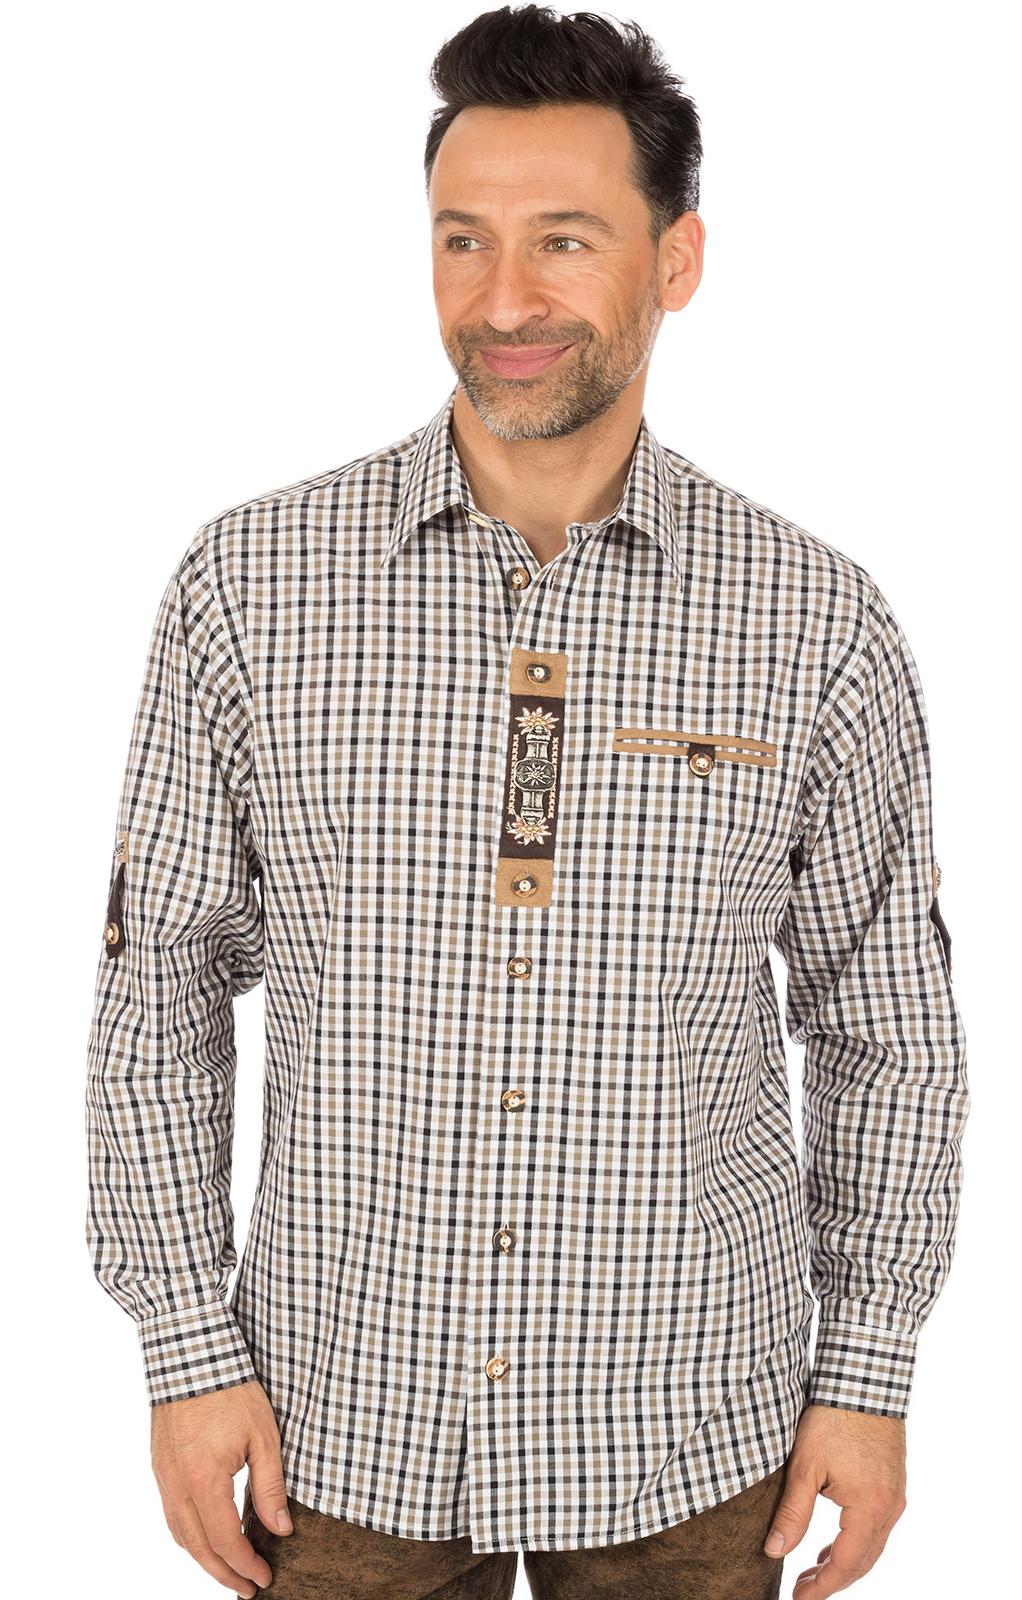 Trachtenhemd EMMERICH Krempelarm braun schwarz von OS-Trachten